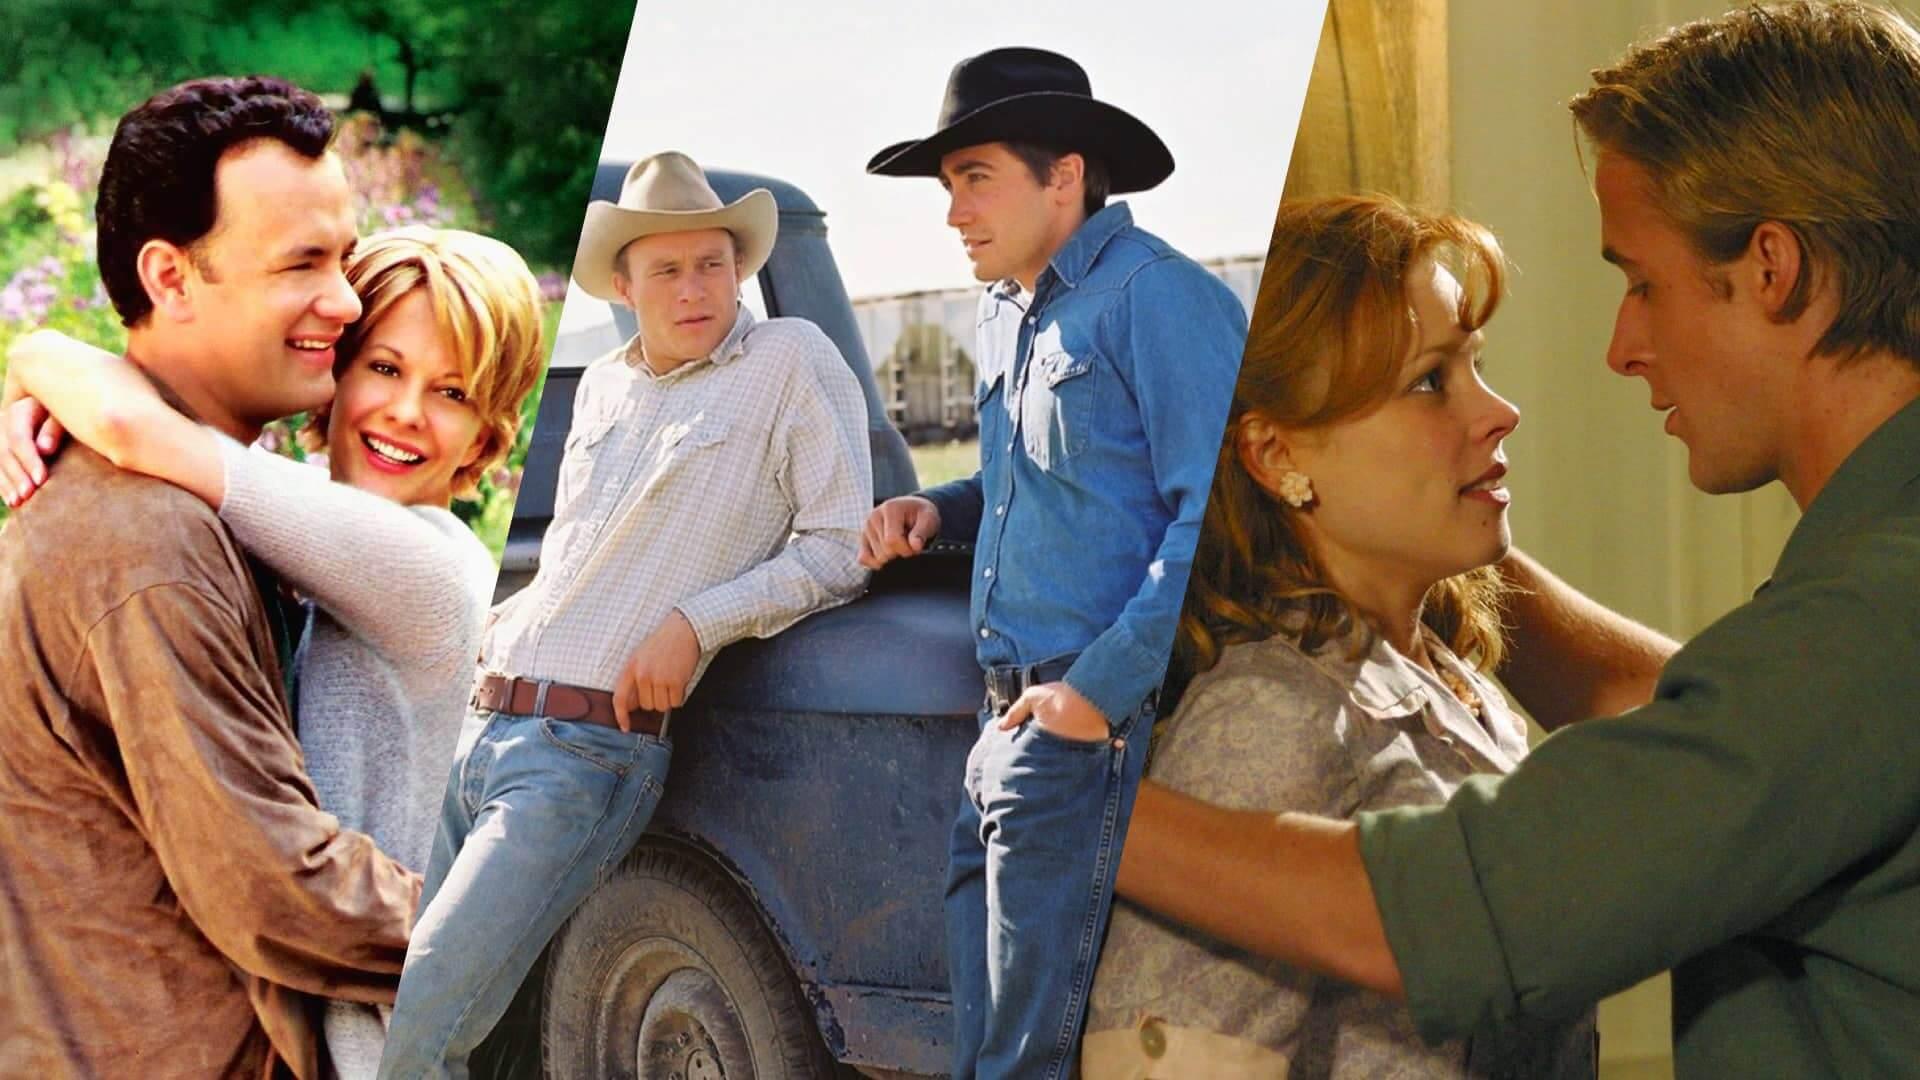 Most Romantic Movie Quotes - Featured - StudioBinder